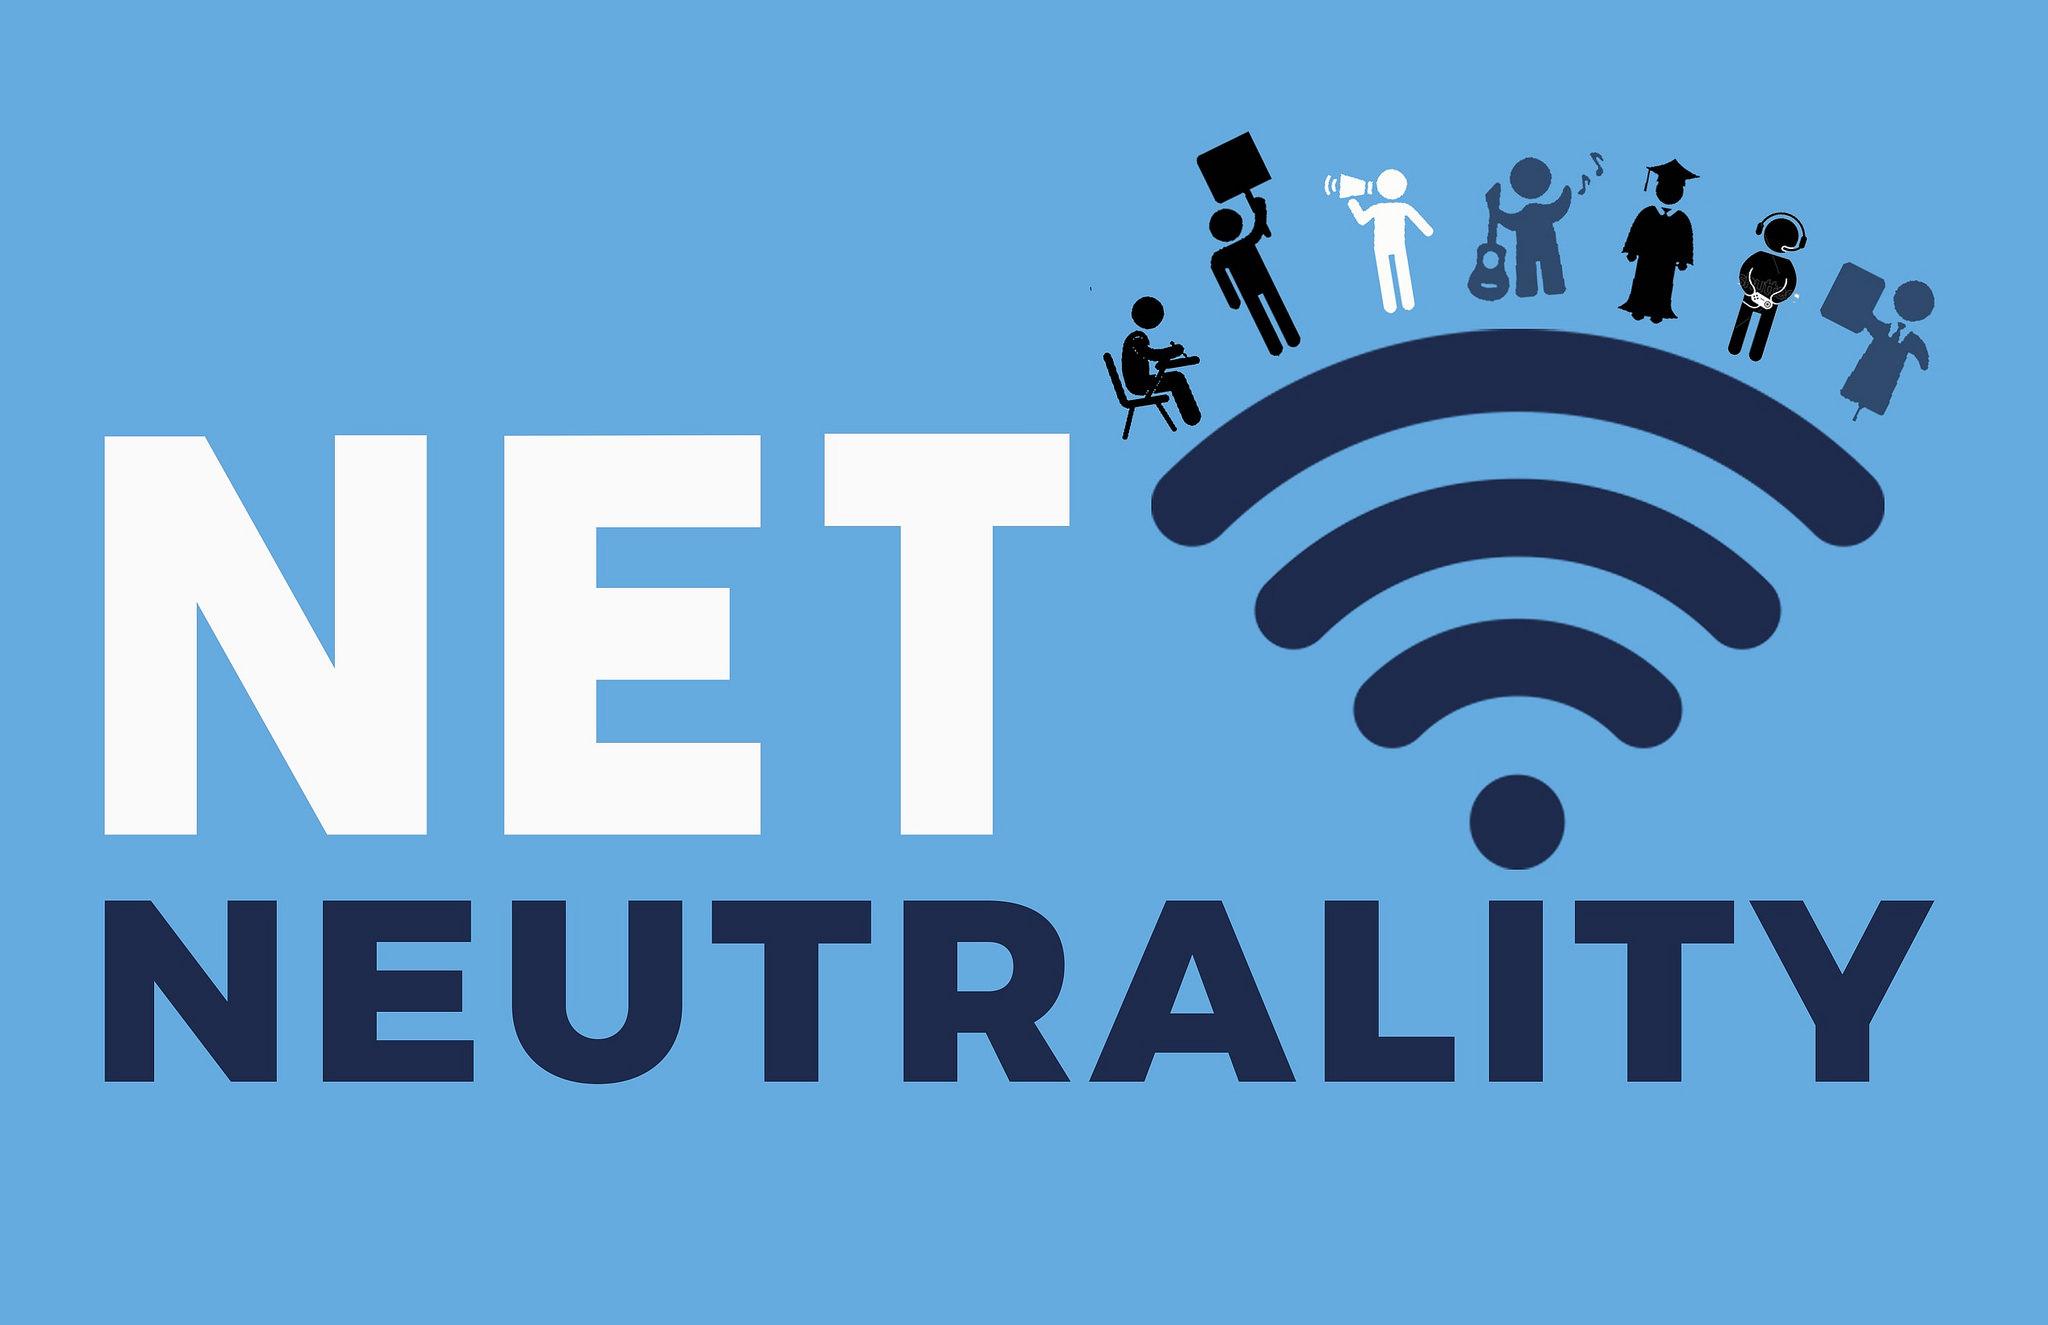 E tu, quanto ne sai di net-neutrality?